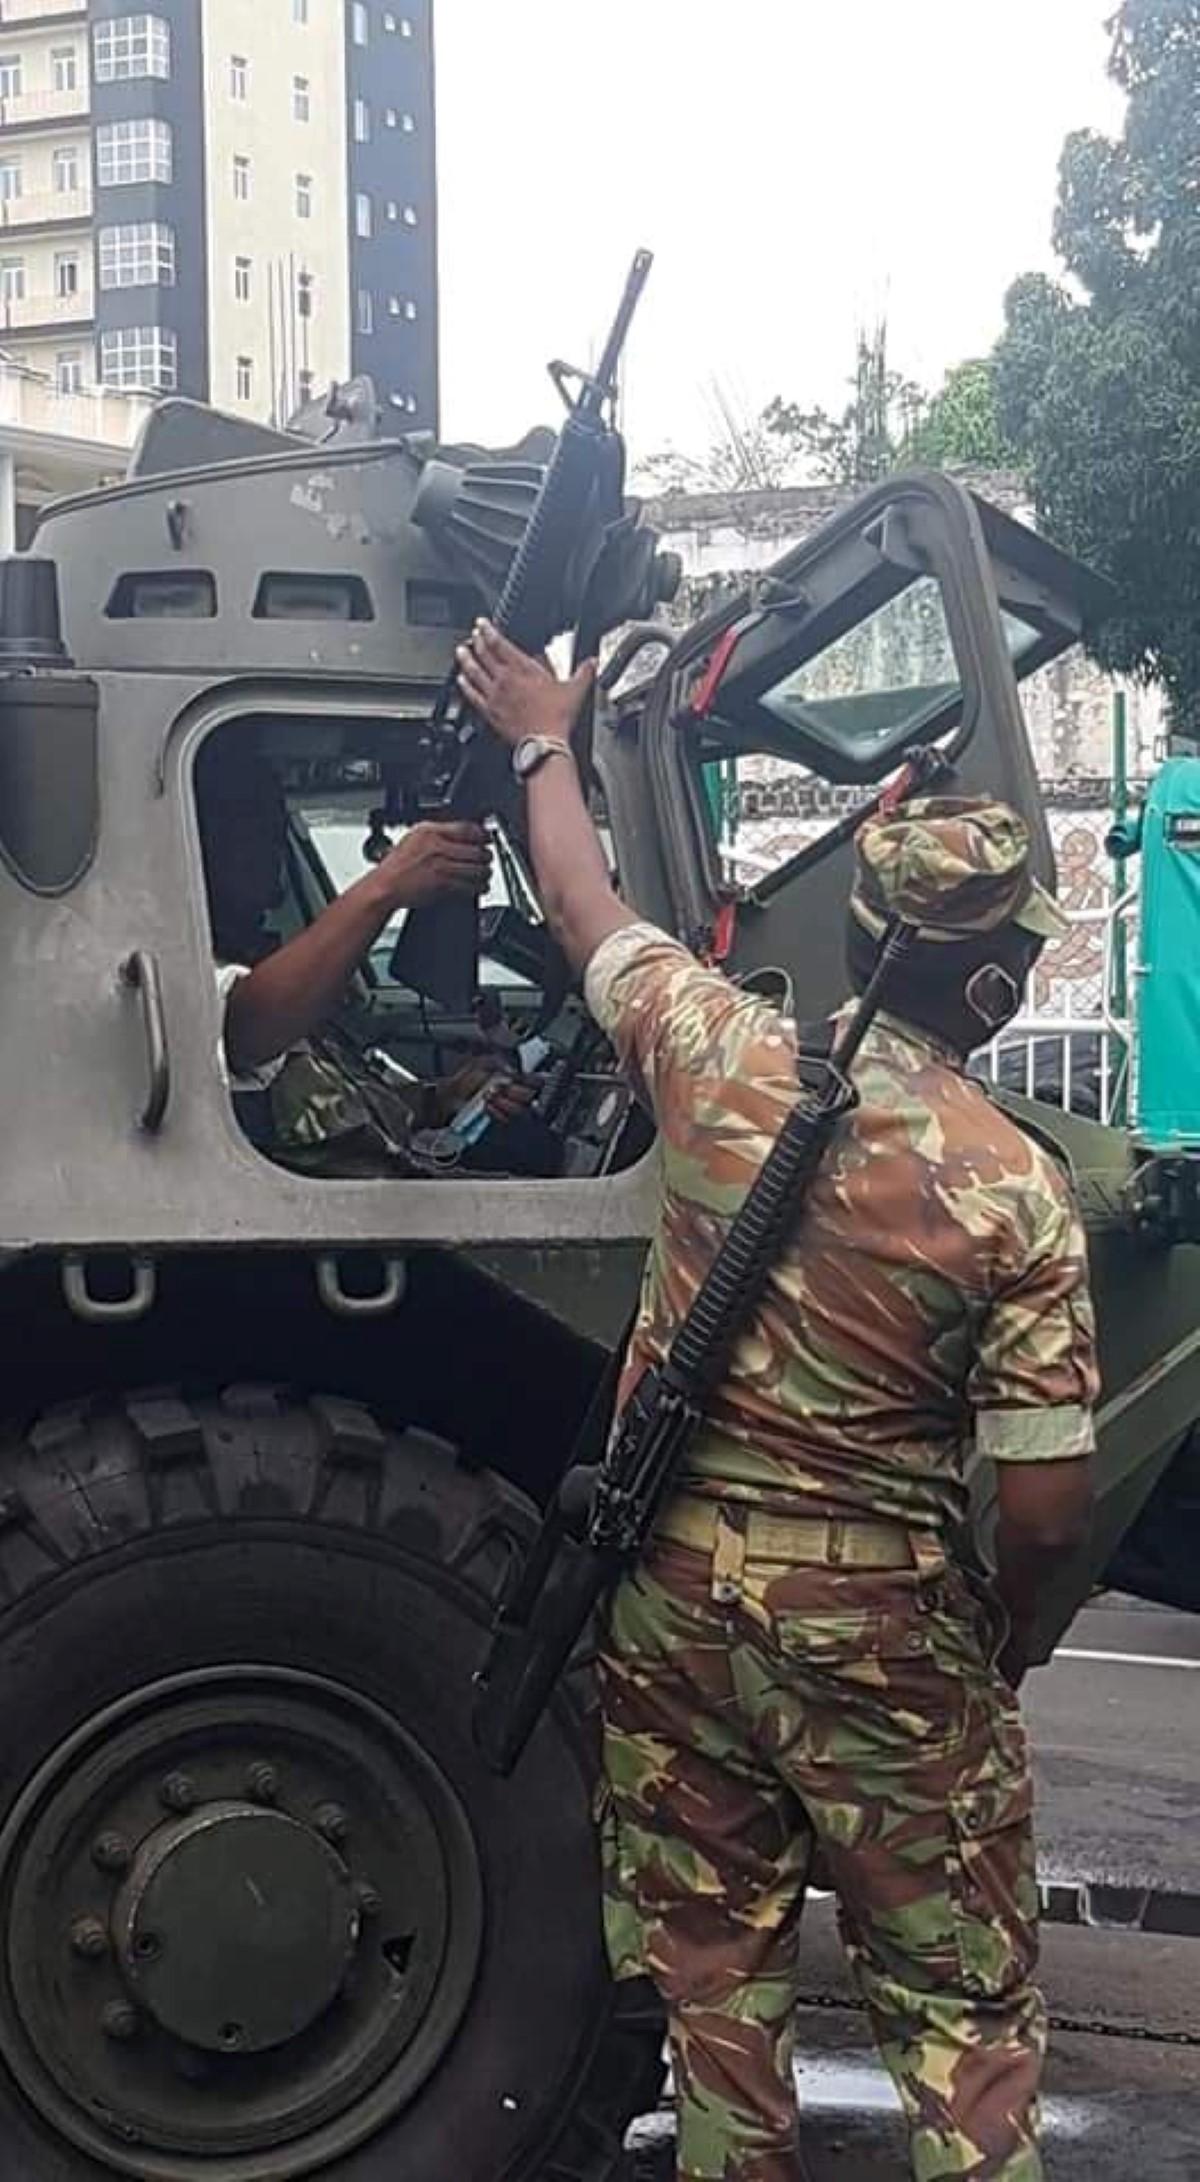 Port-Louis assiégée par l'armée et la force policière, les Mauriciens expriment leur colère pacifiquement